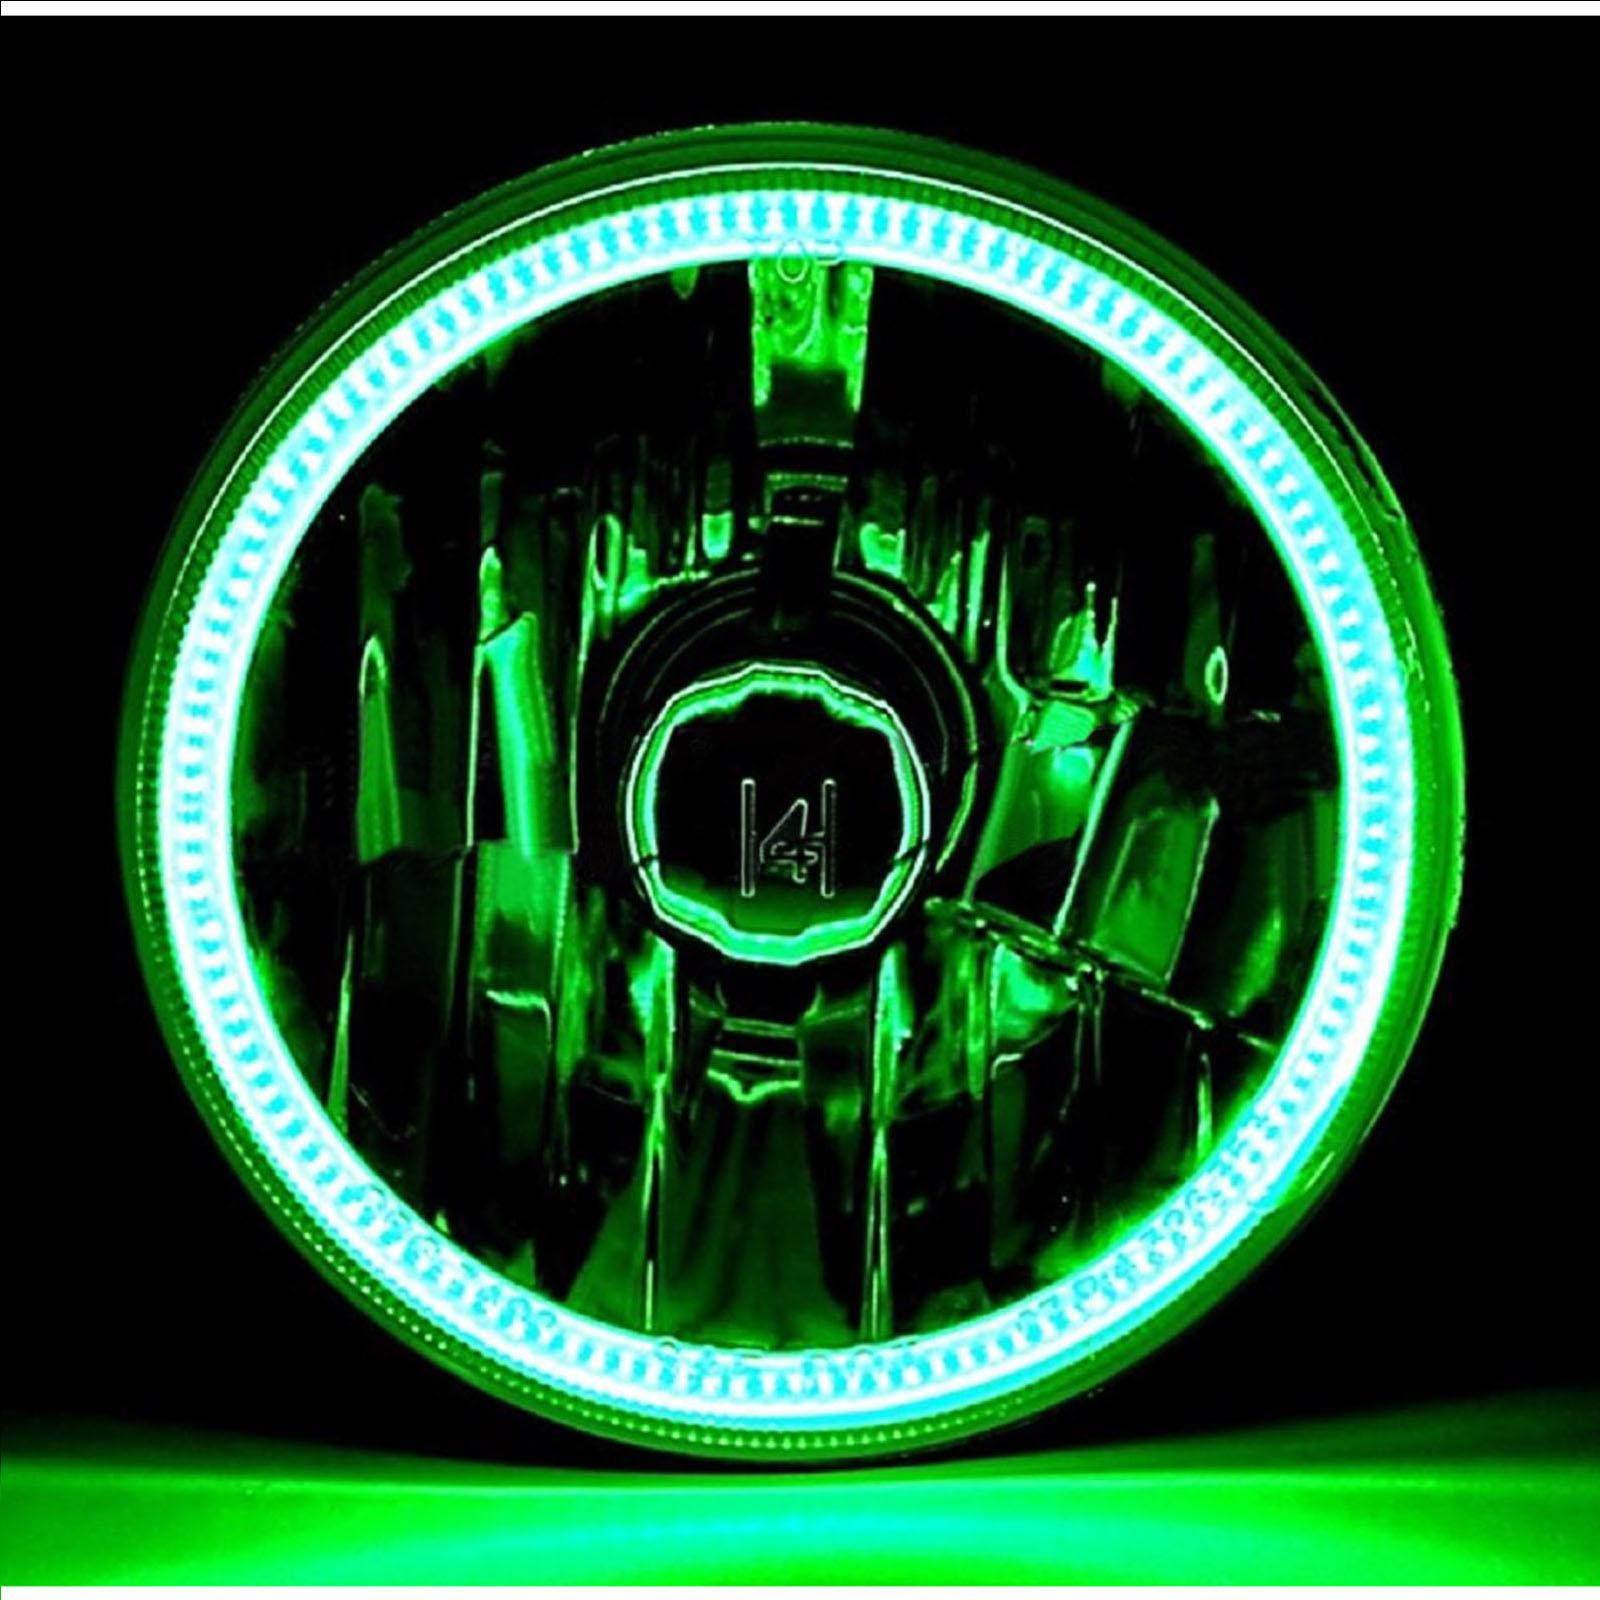 GXL Dana 44 Spindle GM 8.5 Large Bearing 706529X6 Holes